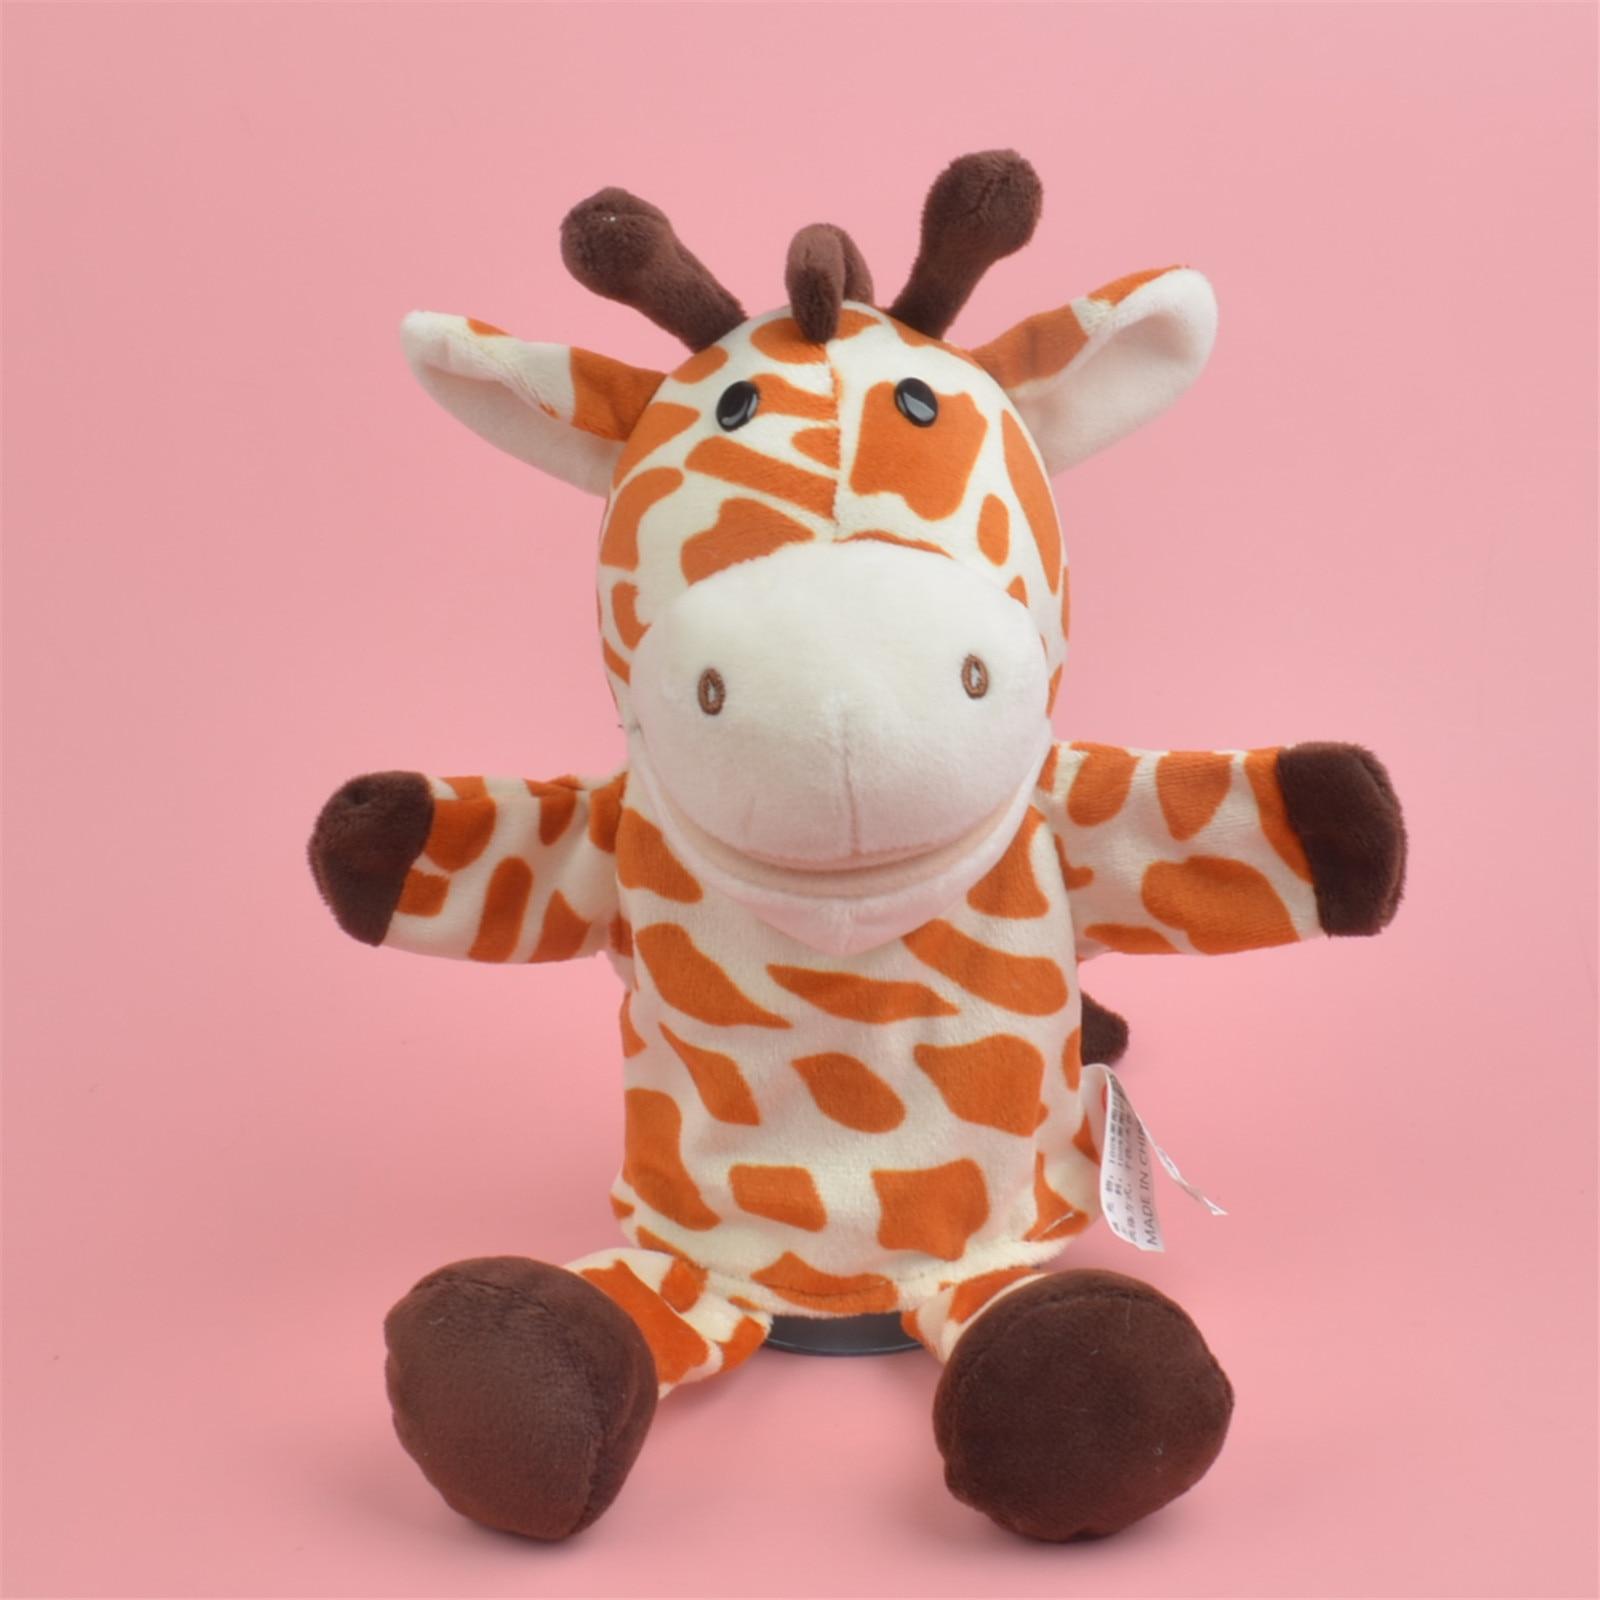 25-30cm lindo juguete de felpa de dibujos animados bebé hipopótamo mariquita Lobo jirafa mapache cocodrilo mano títere bebé contar historia